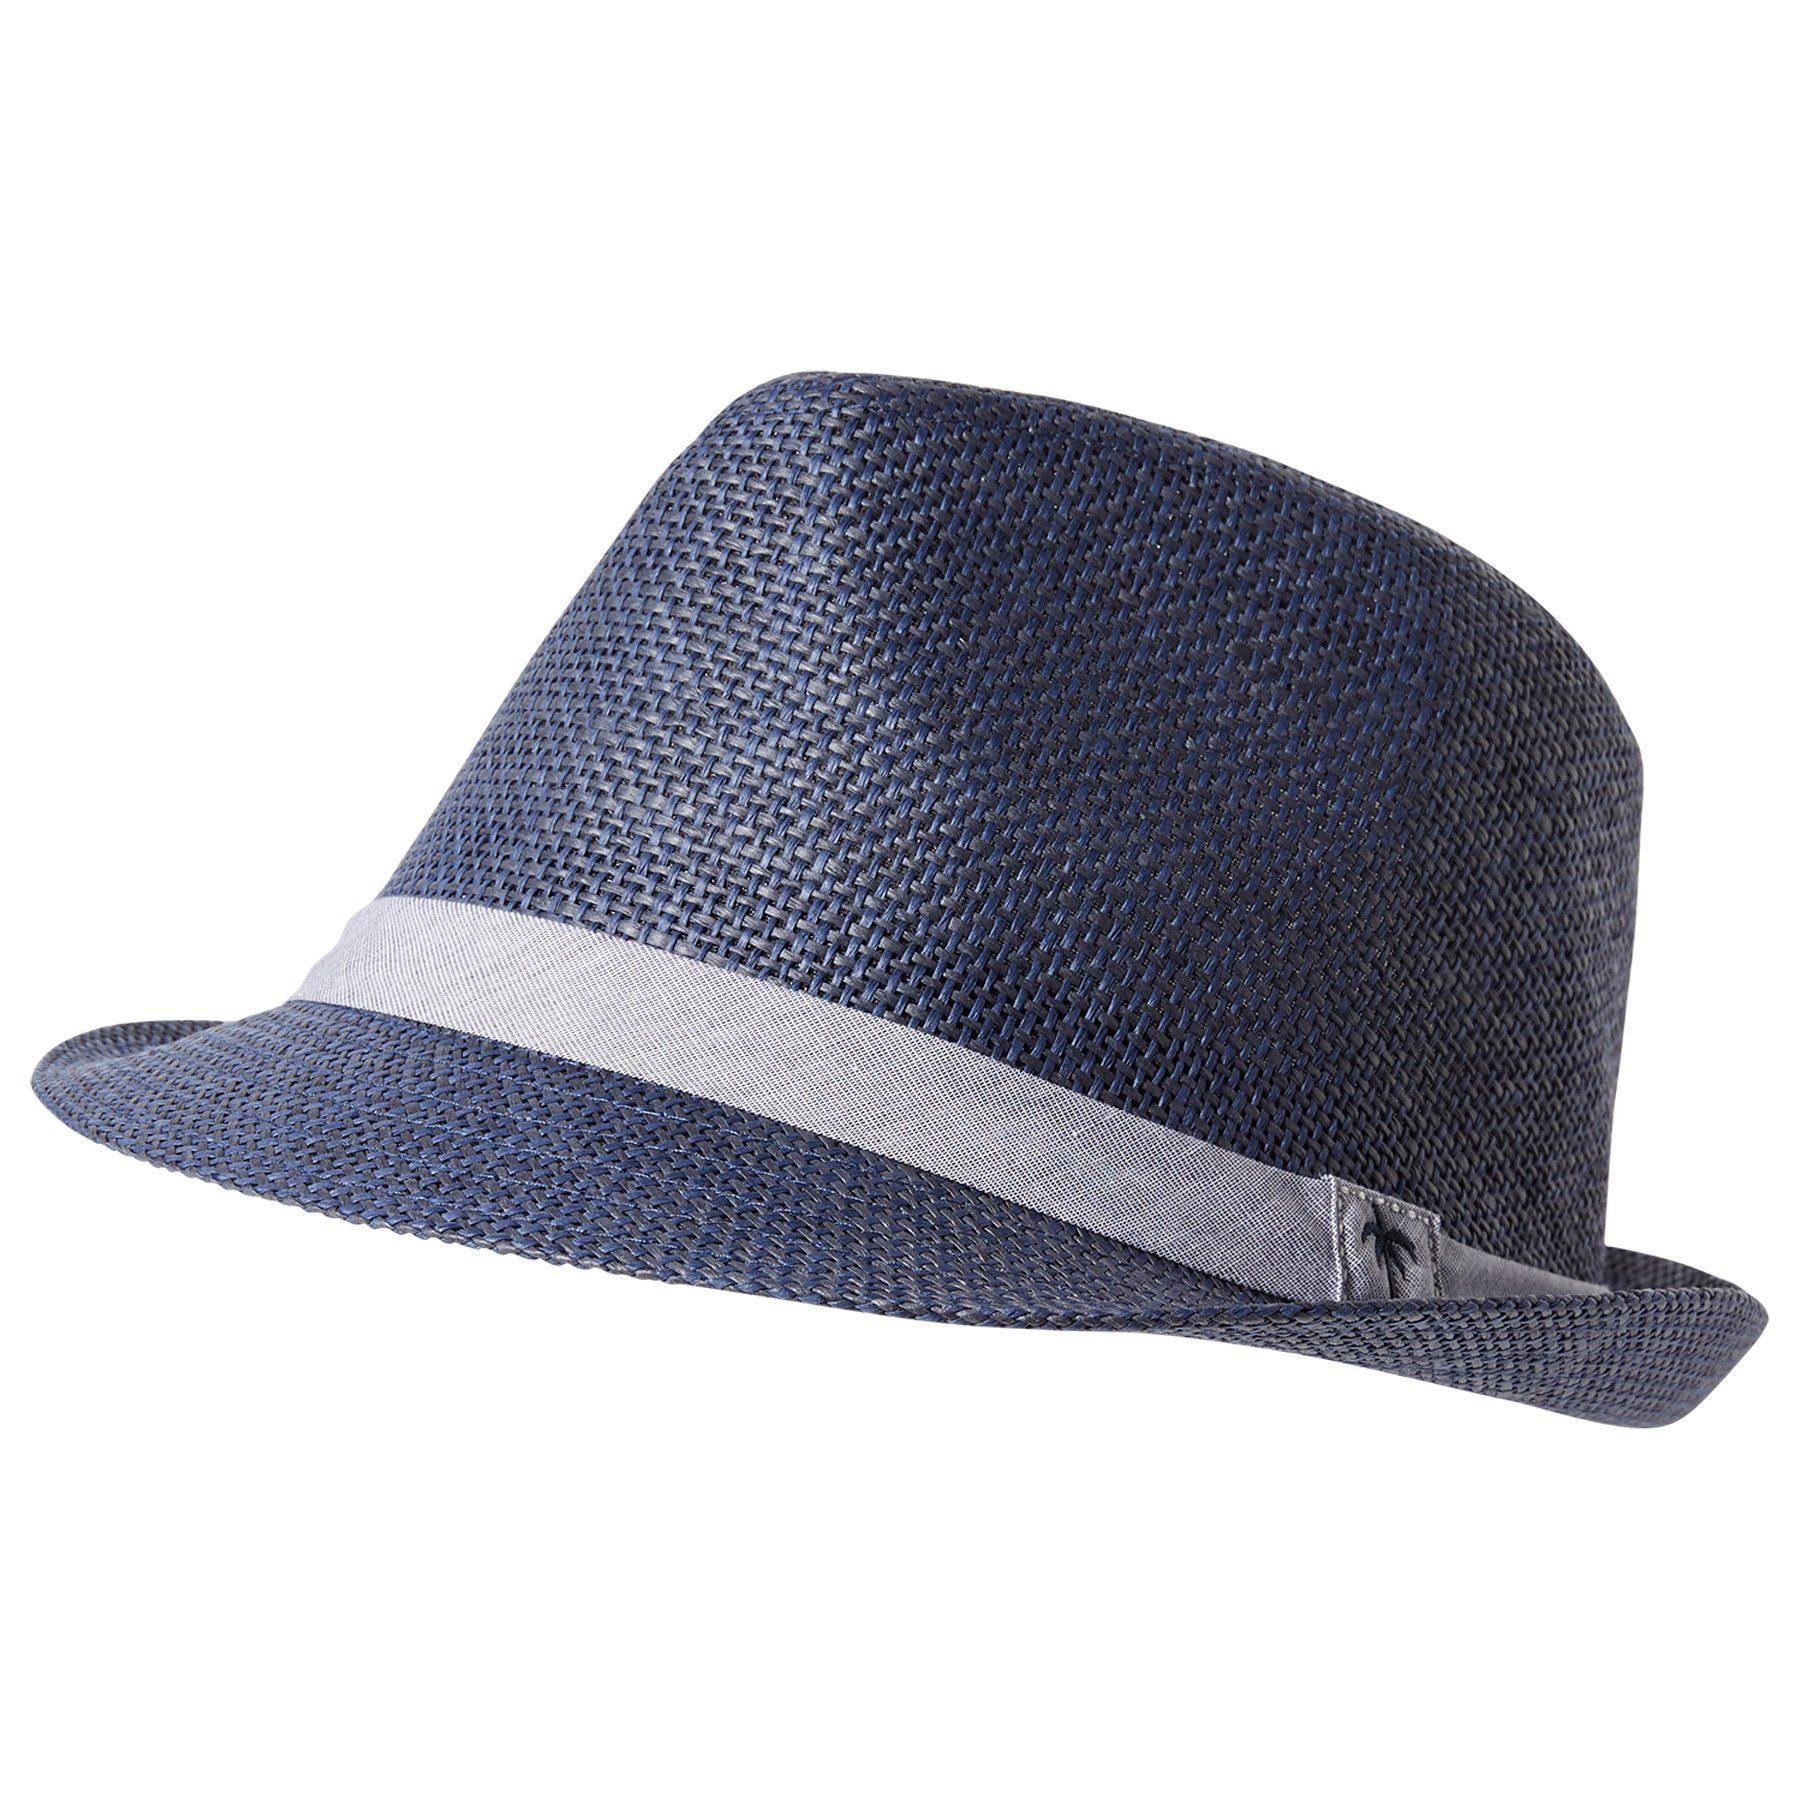 Tom Tailor Strickmütze »lässiger Stroh-Hut mit Band«